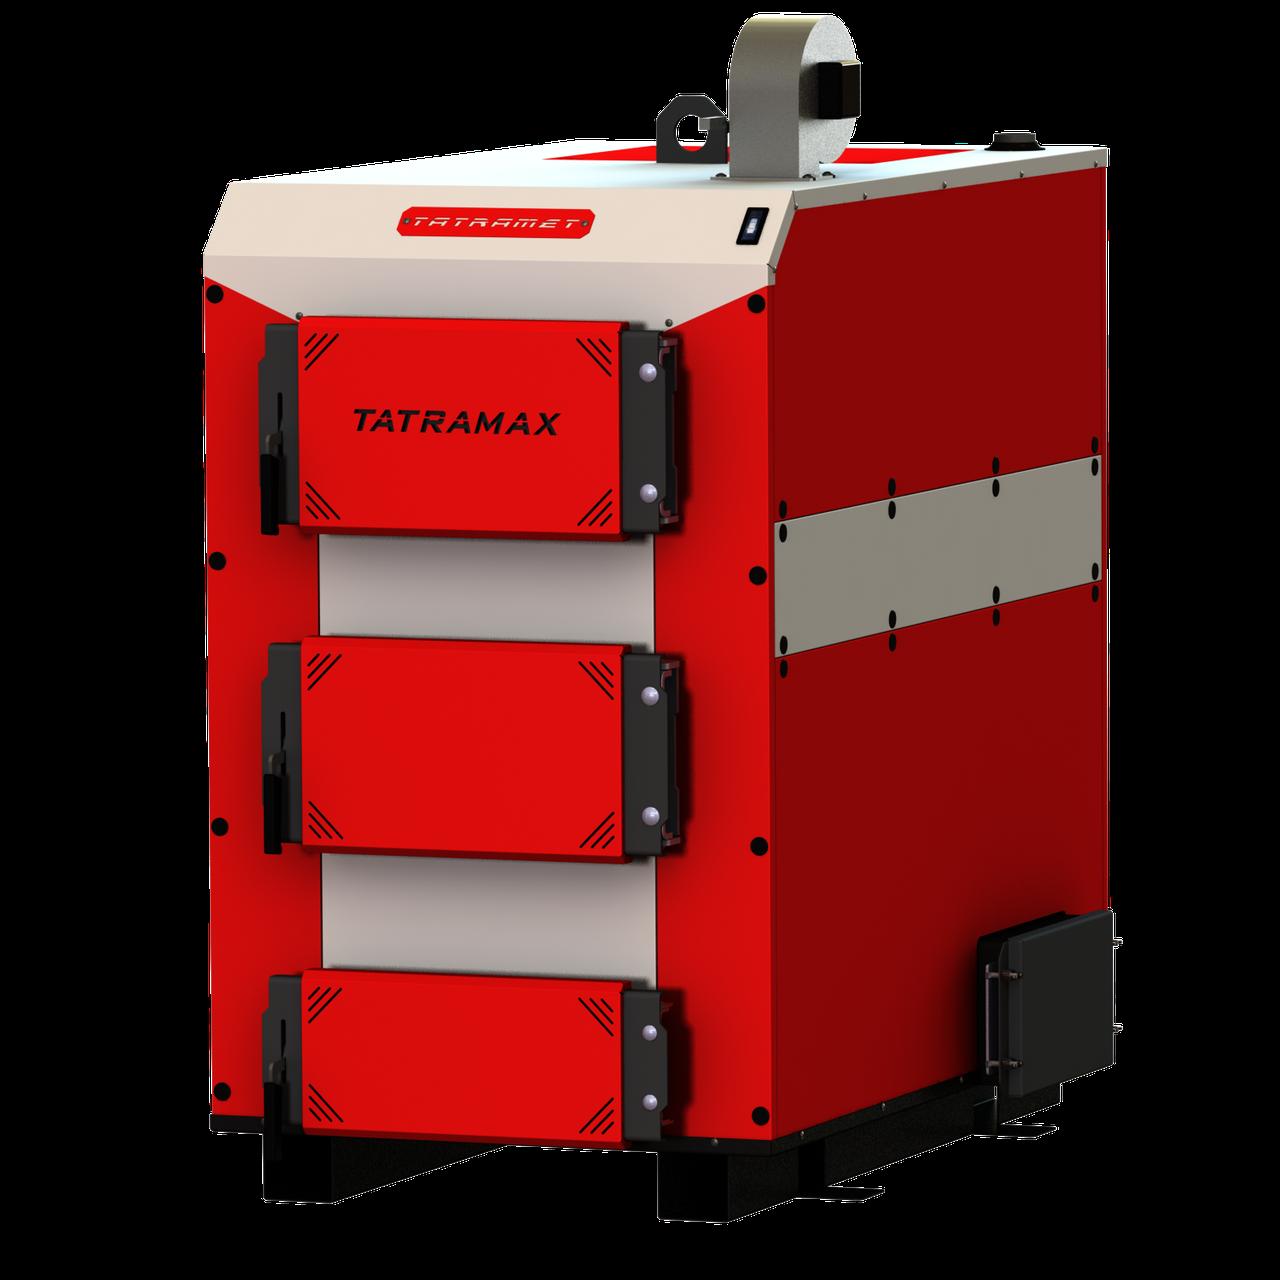 Промышленный котел с ручной загрузкой топлива TATRAMET MAX (ТАТРАМЕТ МАКС) мощность:60 кВт, толщина стали: 6мм